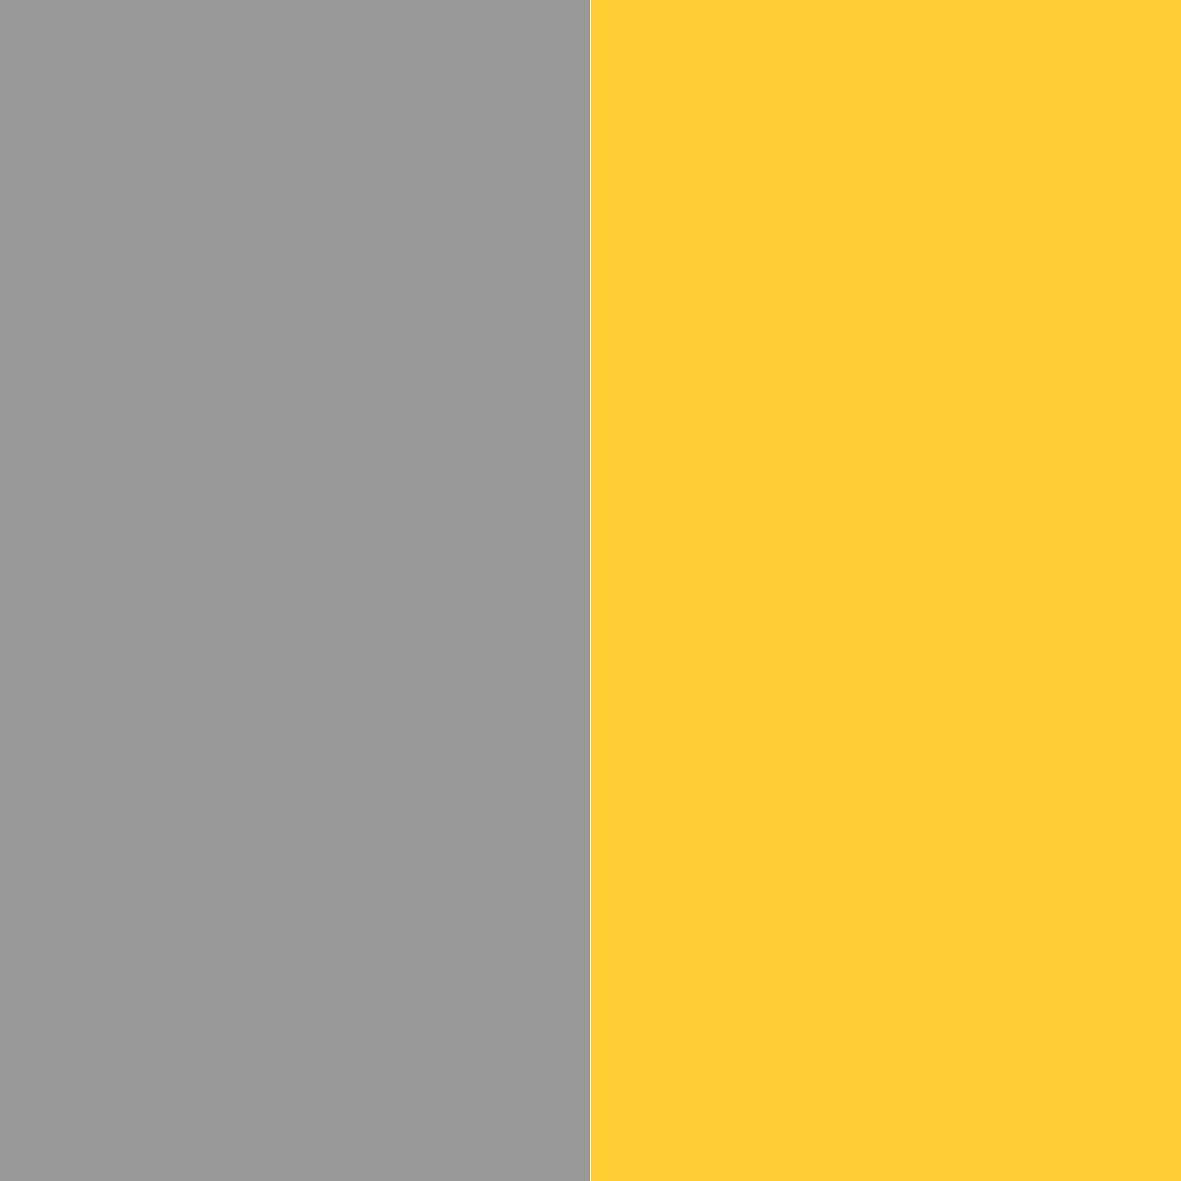 серый/желтый_999999/FFCC33